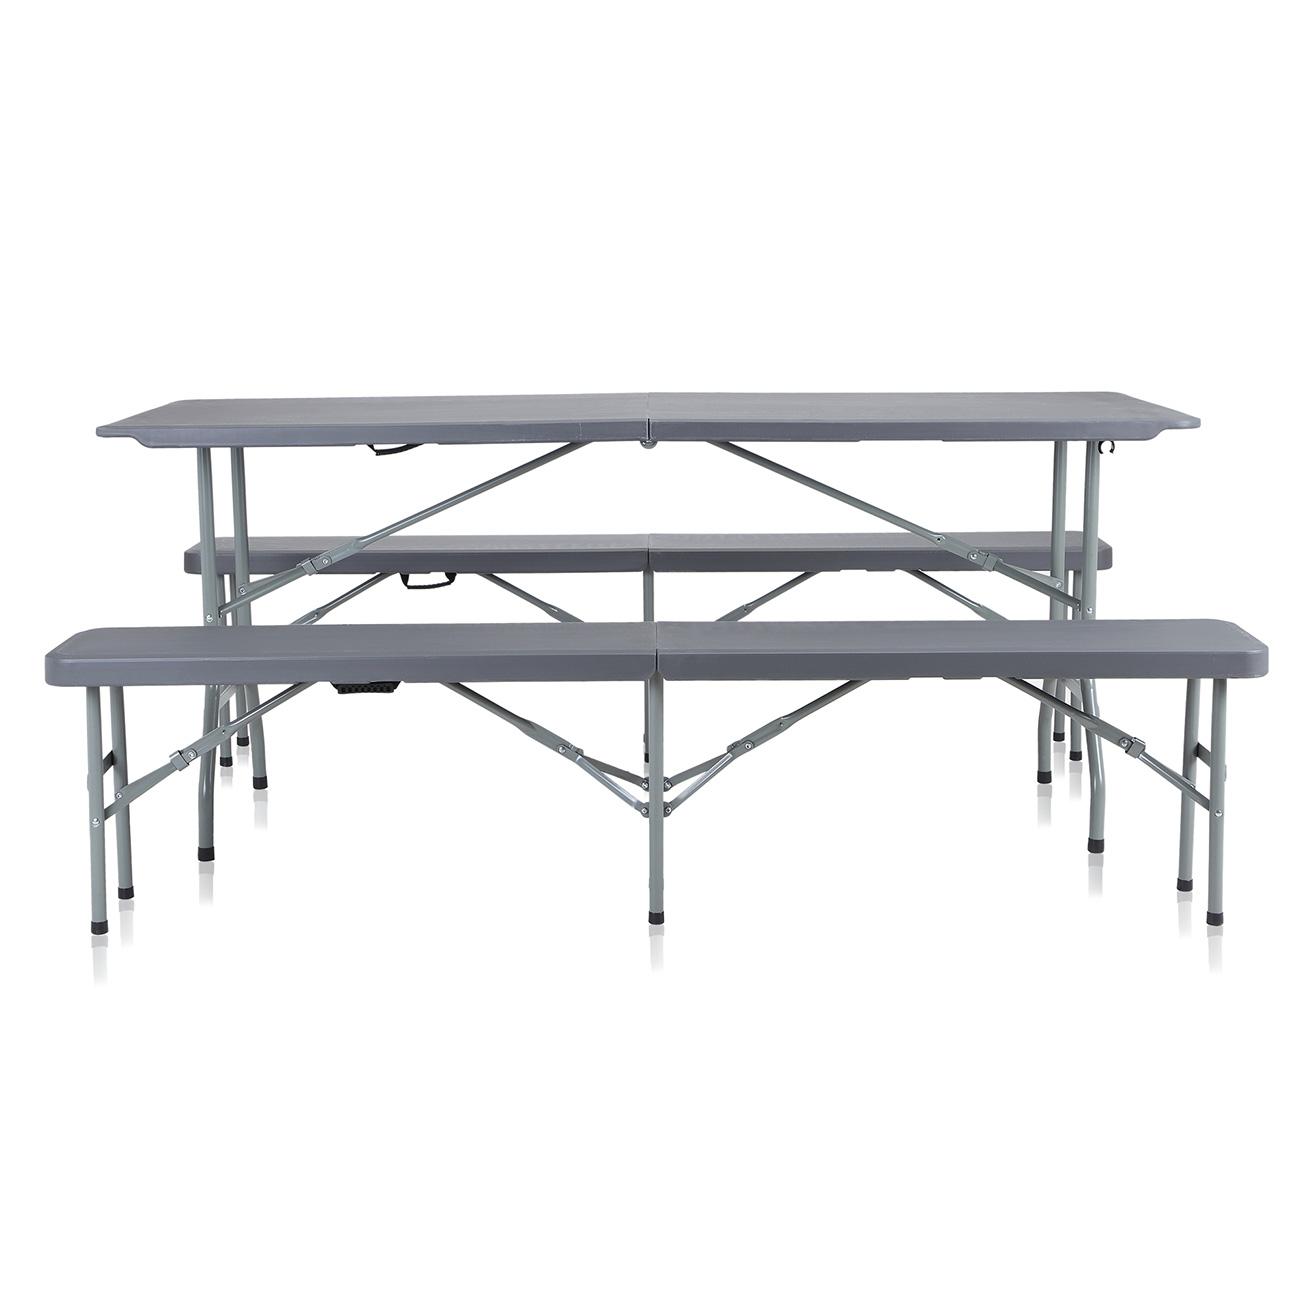 Banc De Et Pliable Jardin Table roWexBdC